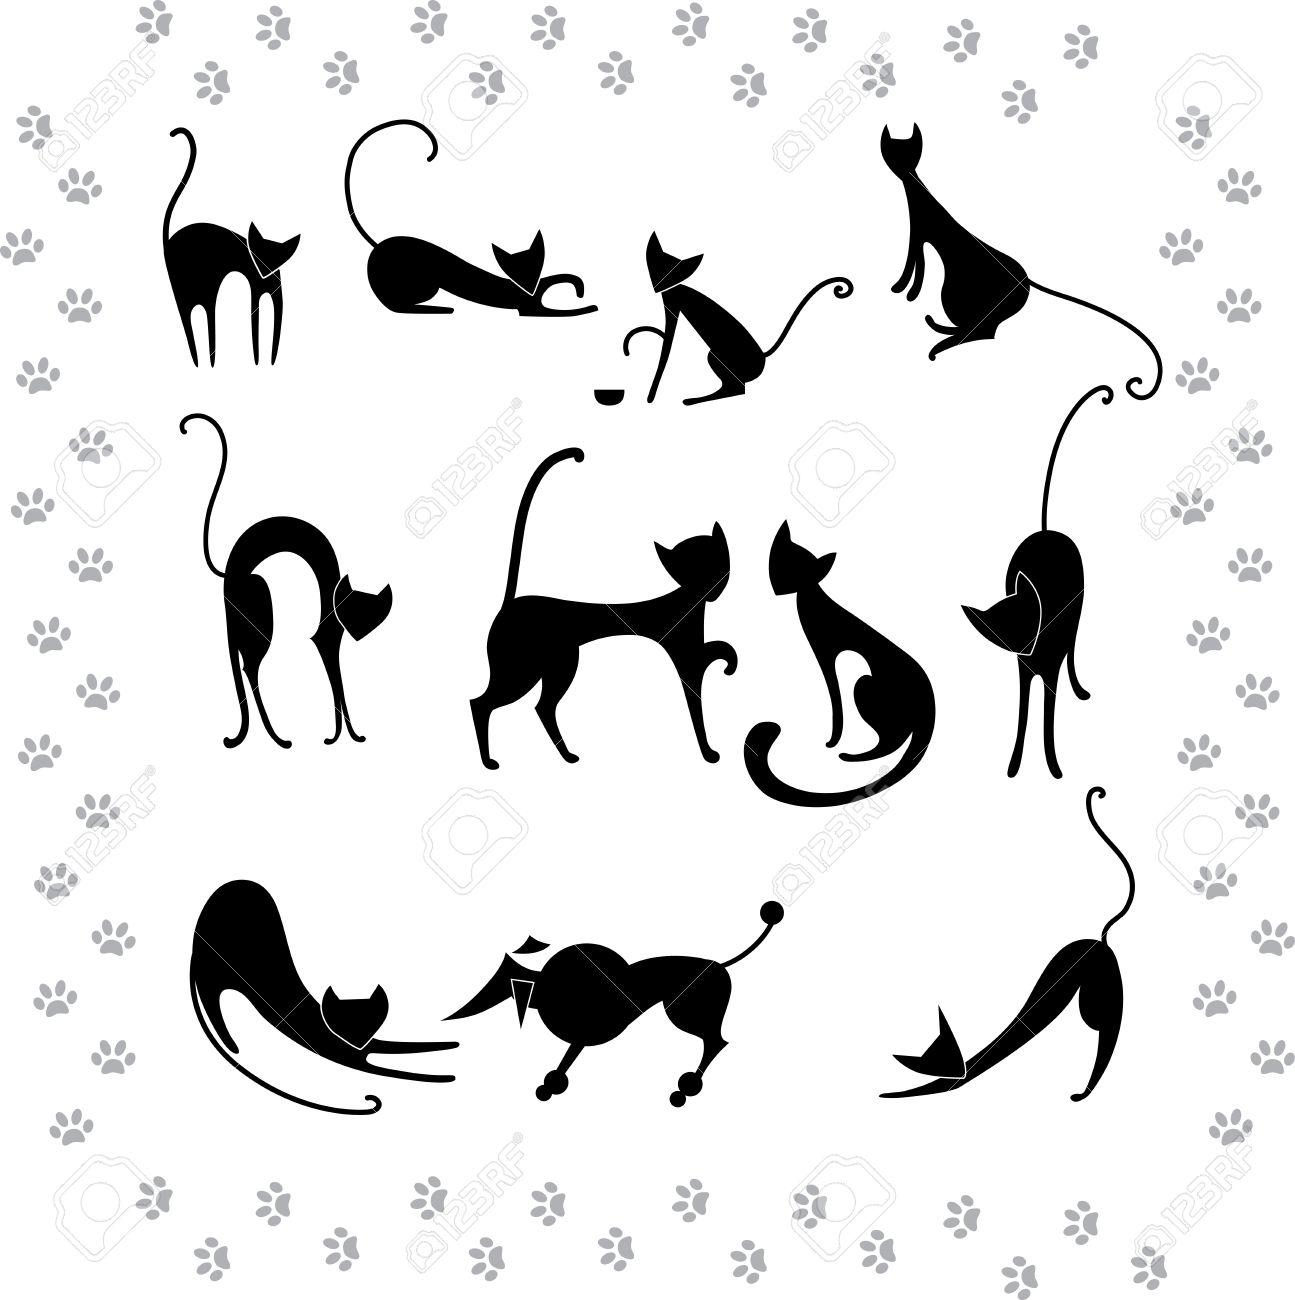 Ilustraciones siluetas de recogida de los gatos negros Foto de archivo - 14152359